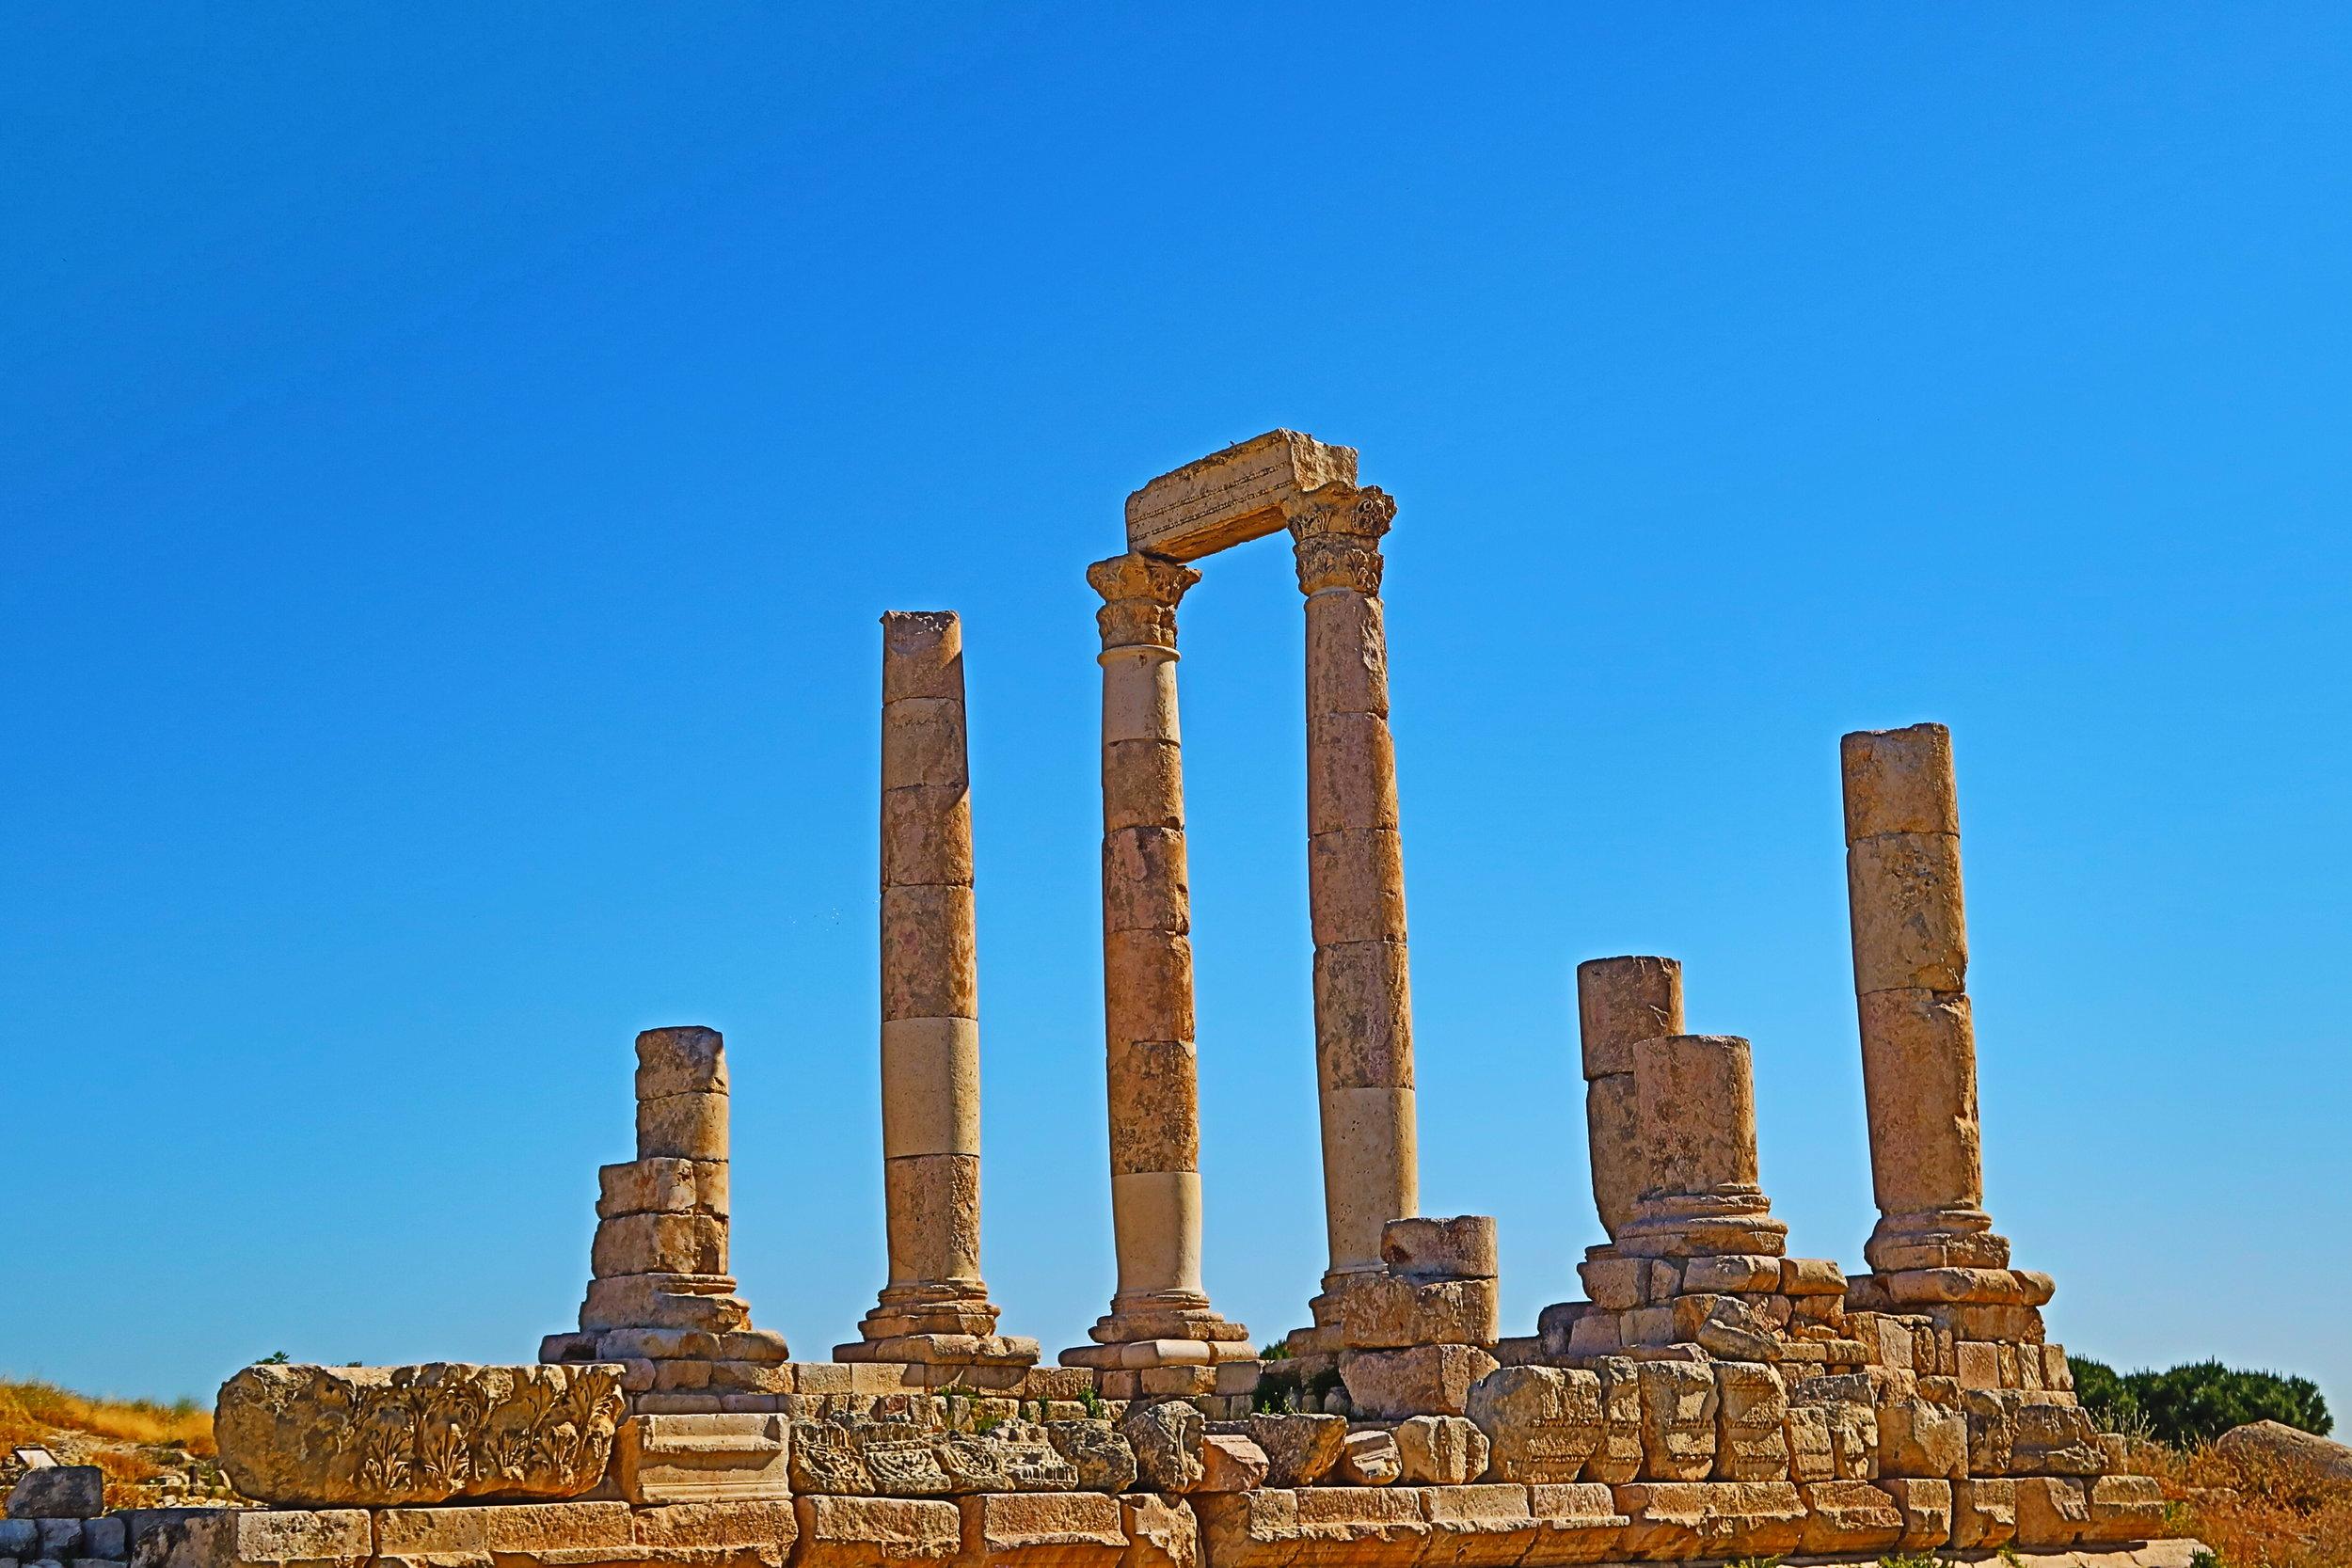 upsouth-mingmingfeng-jordan-travel-amman-day2-temple-of-hercules-02.JPG